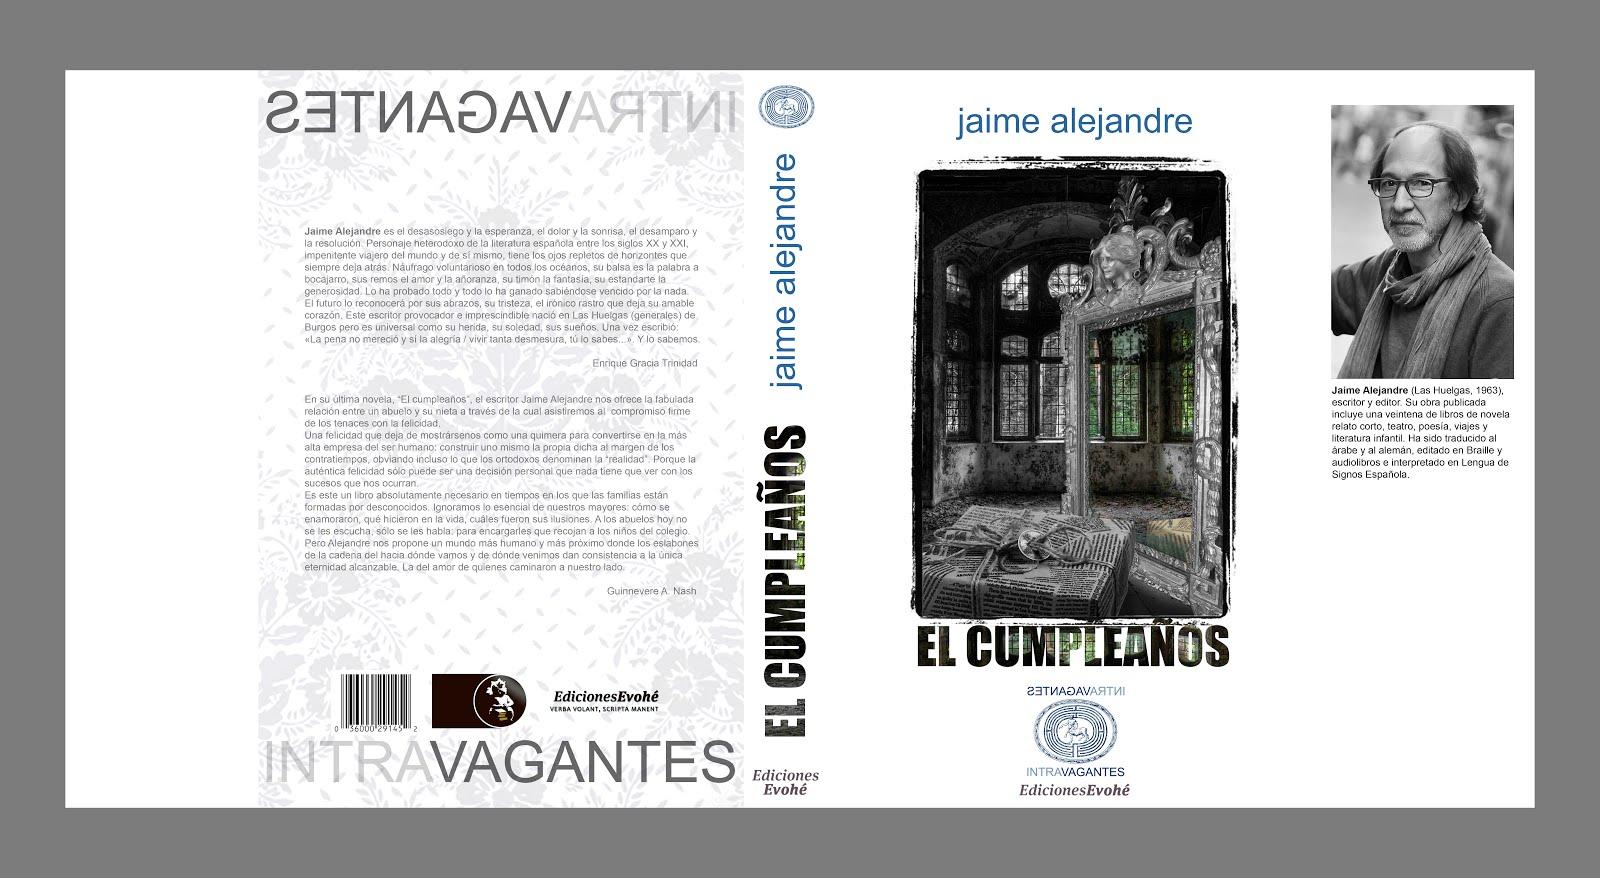 Nueva novela de Jaime Alejandre